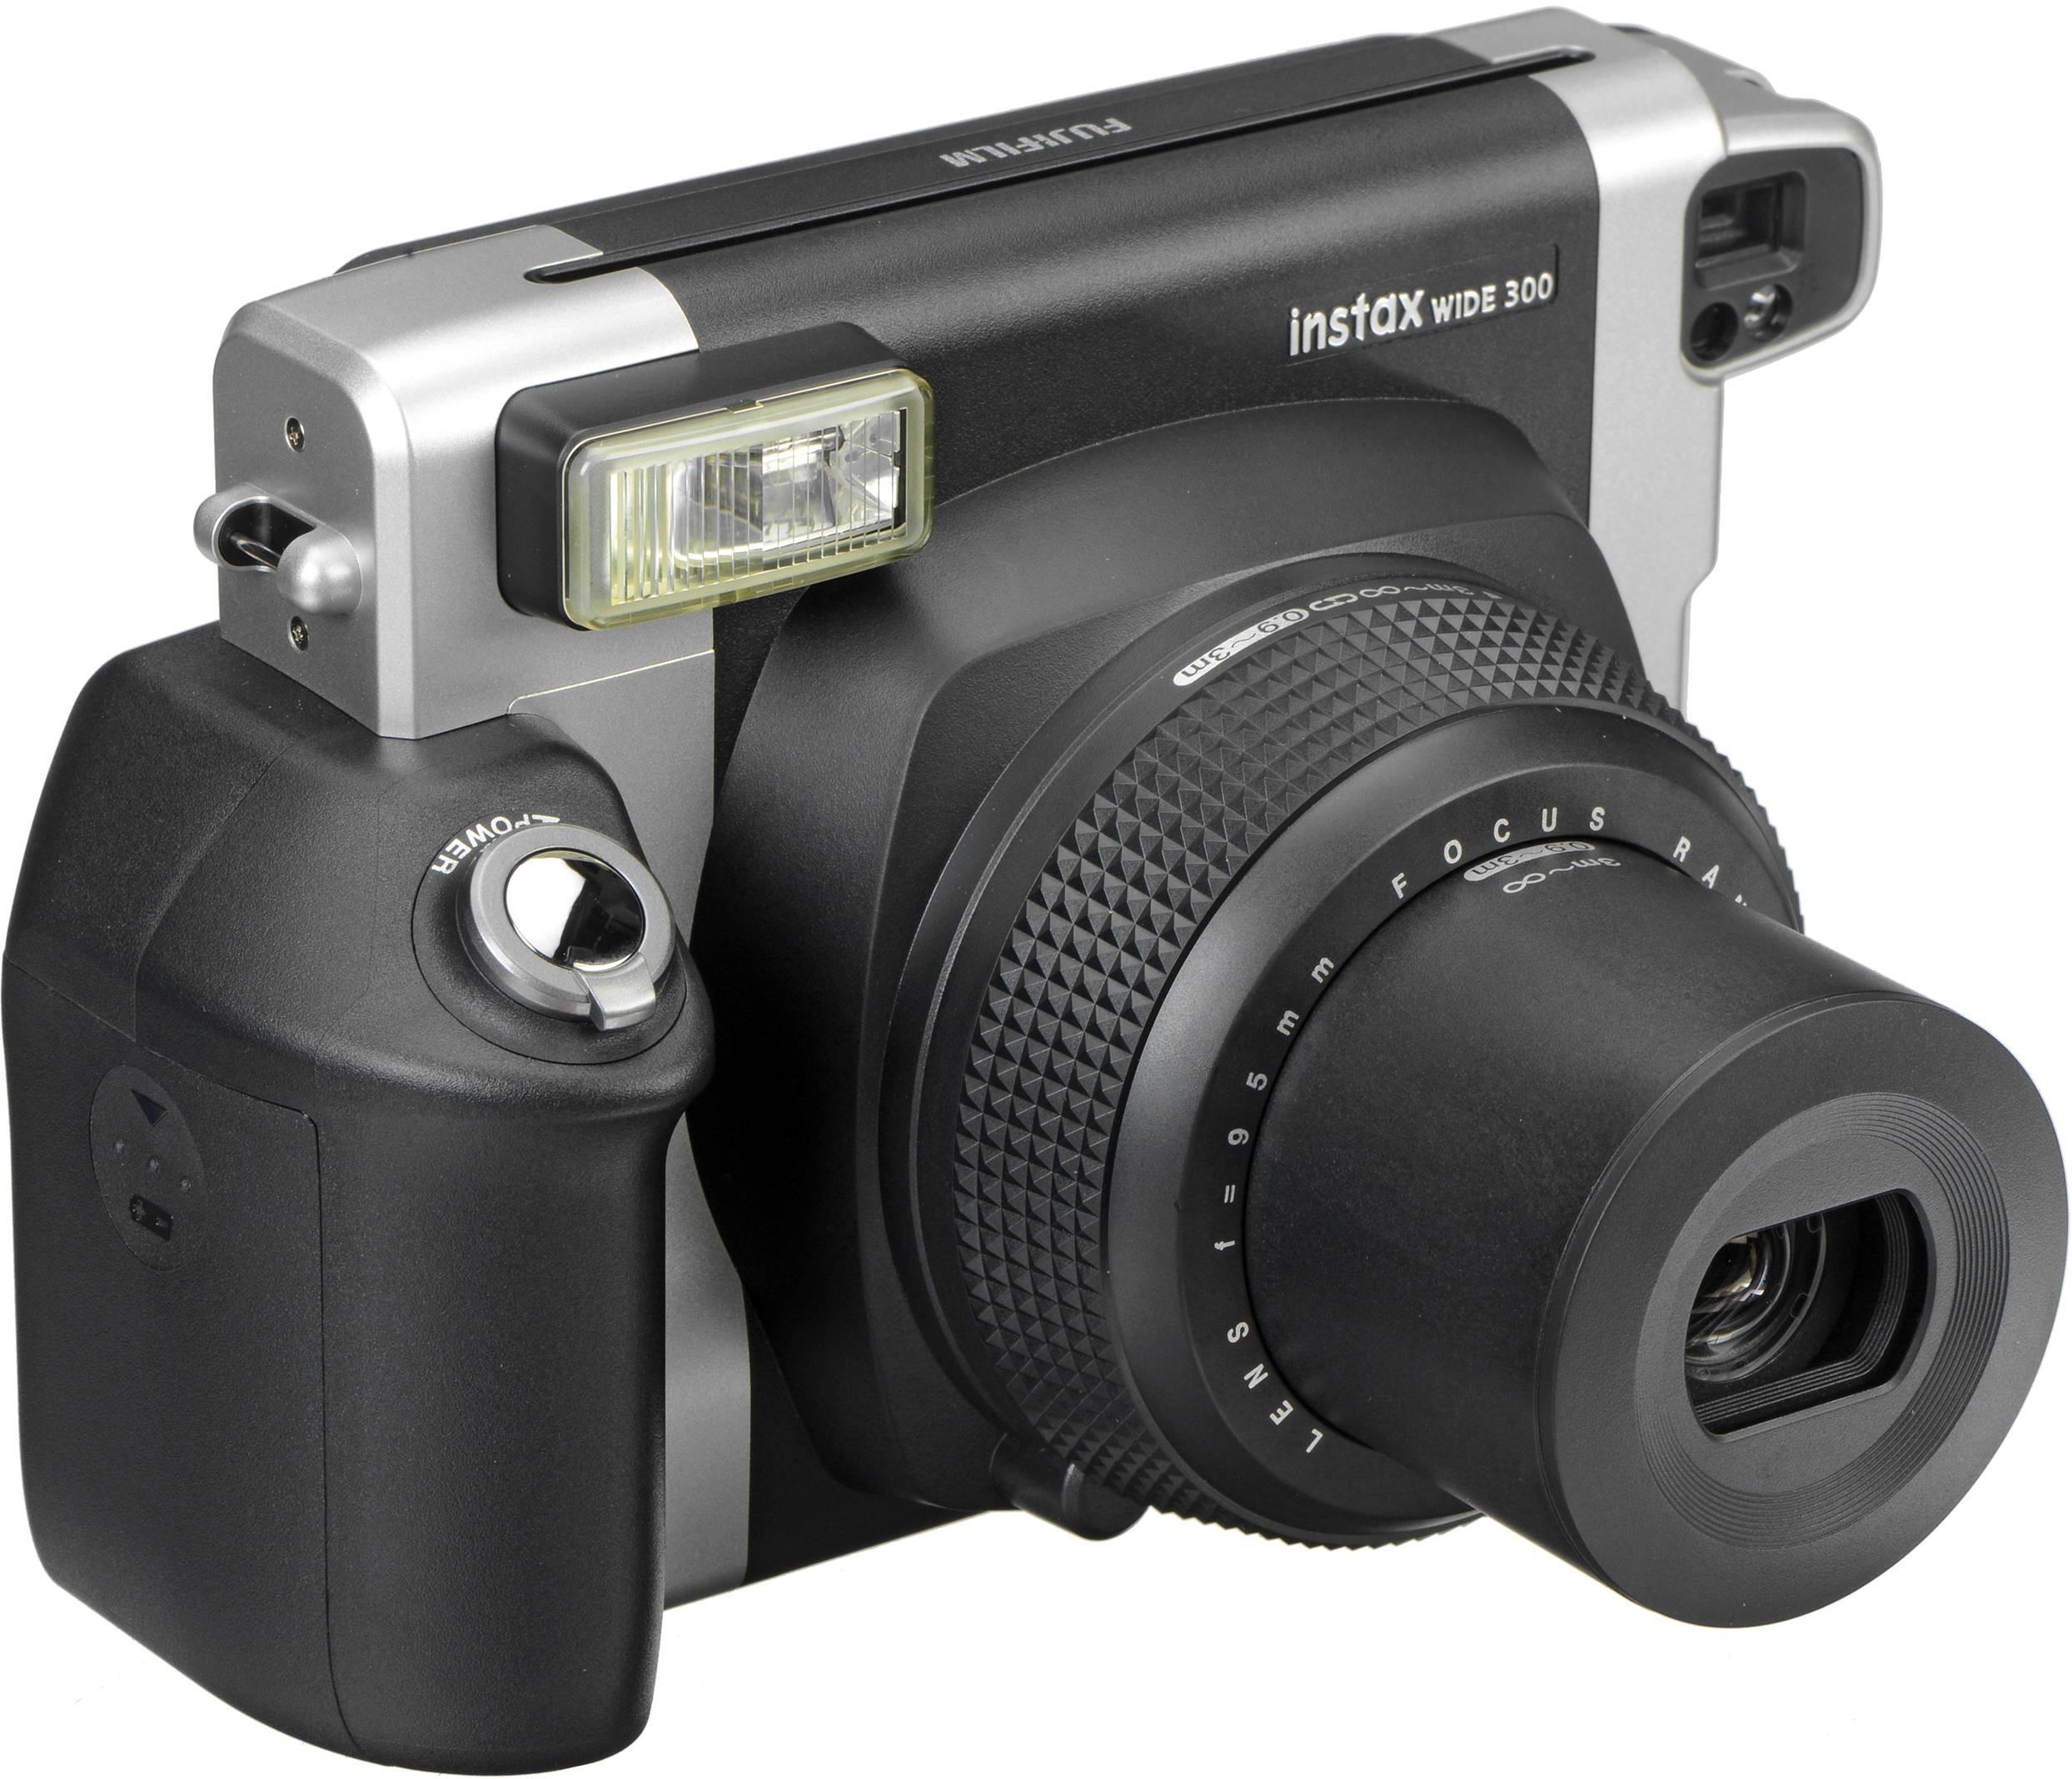 Fujifilm Instax Wide 300 + Instax Wide papīrs 4770147002804 4770147002804 Digitālā kamera